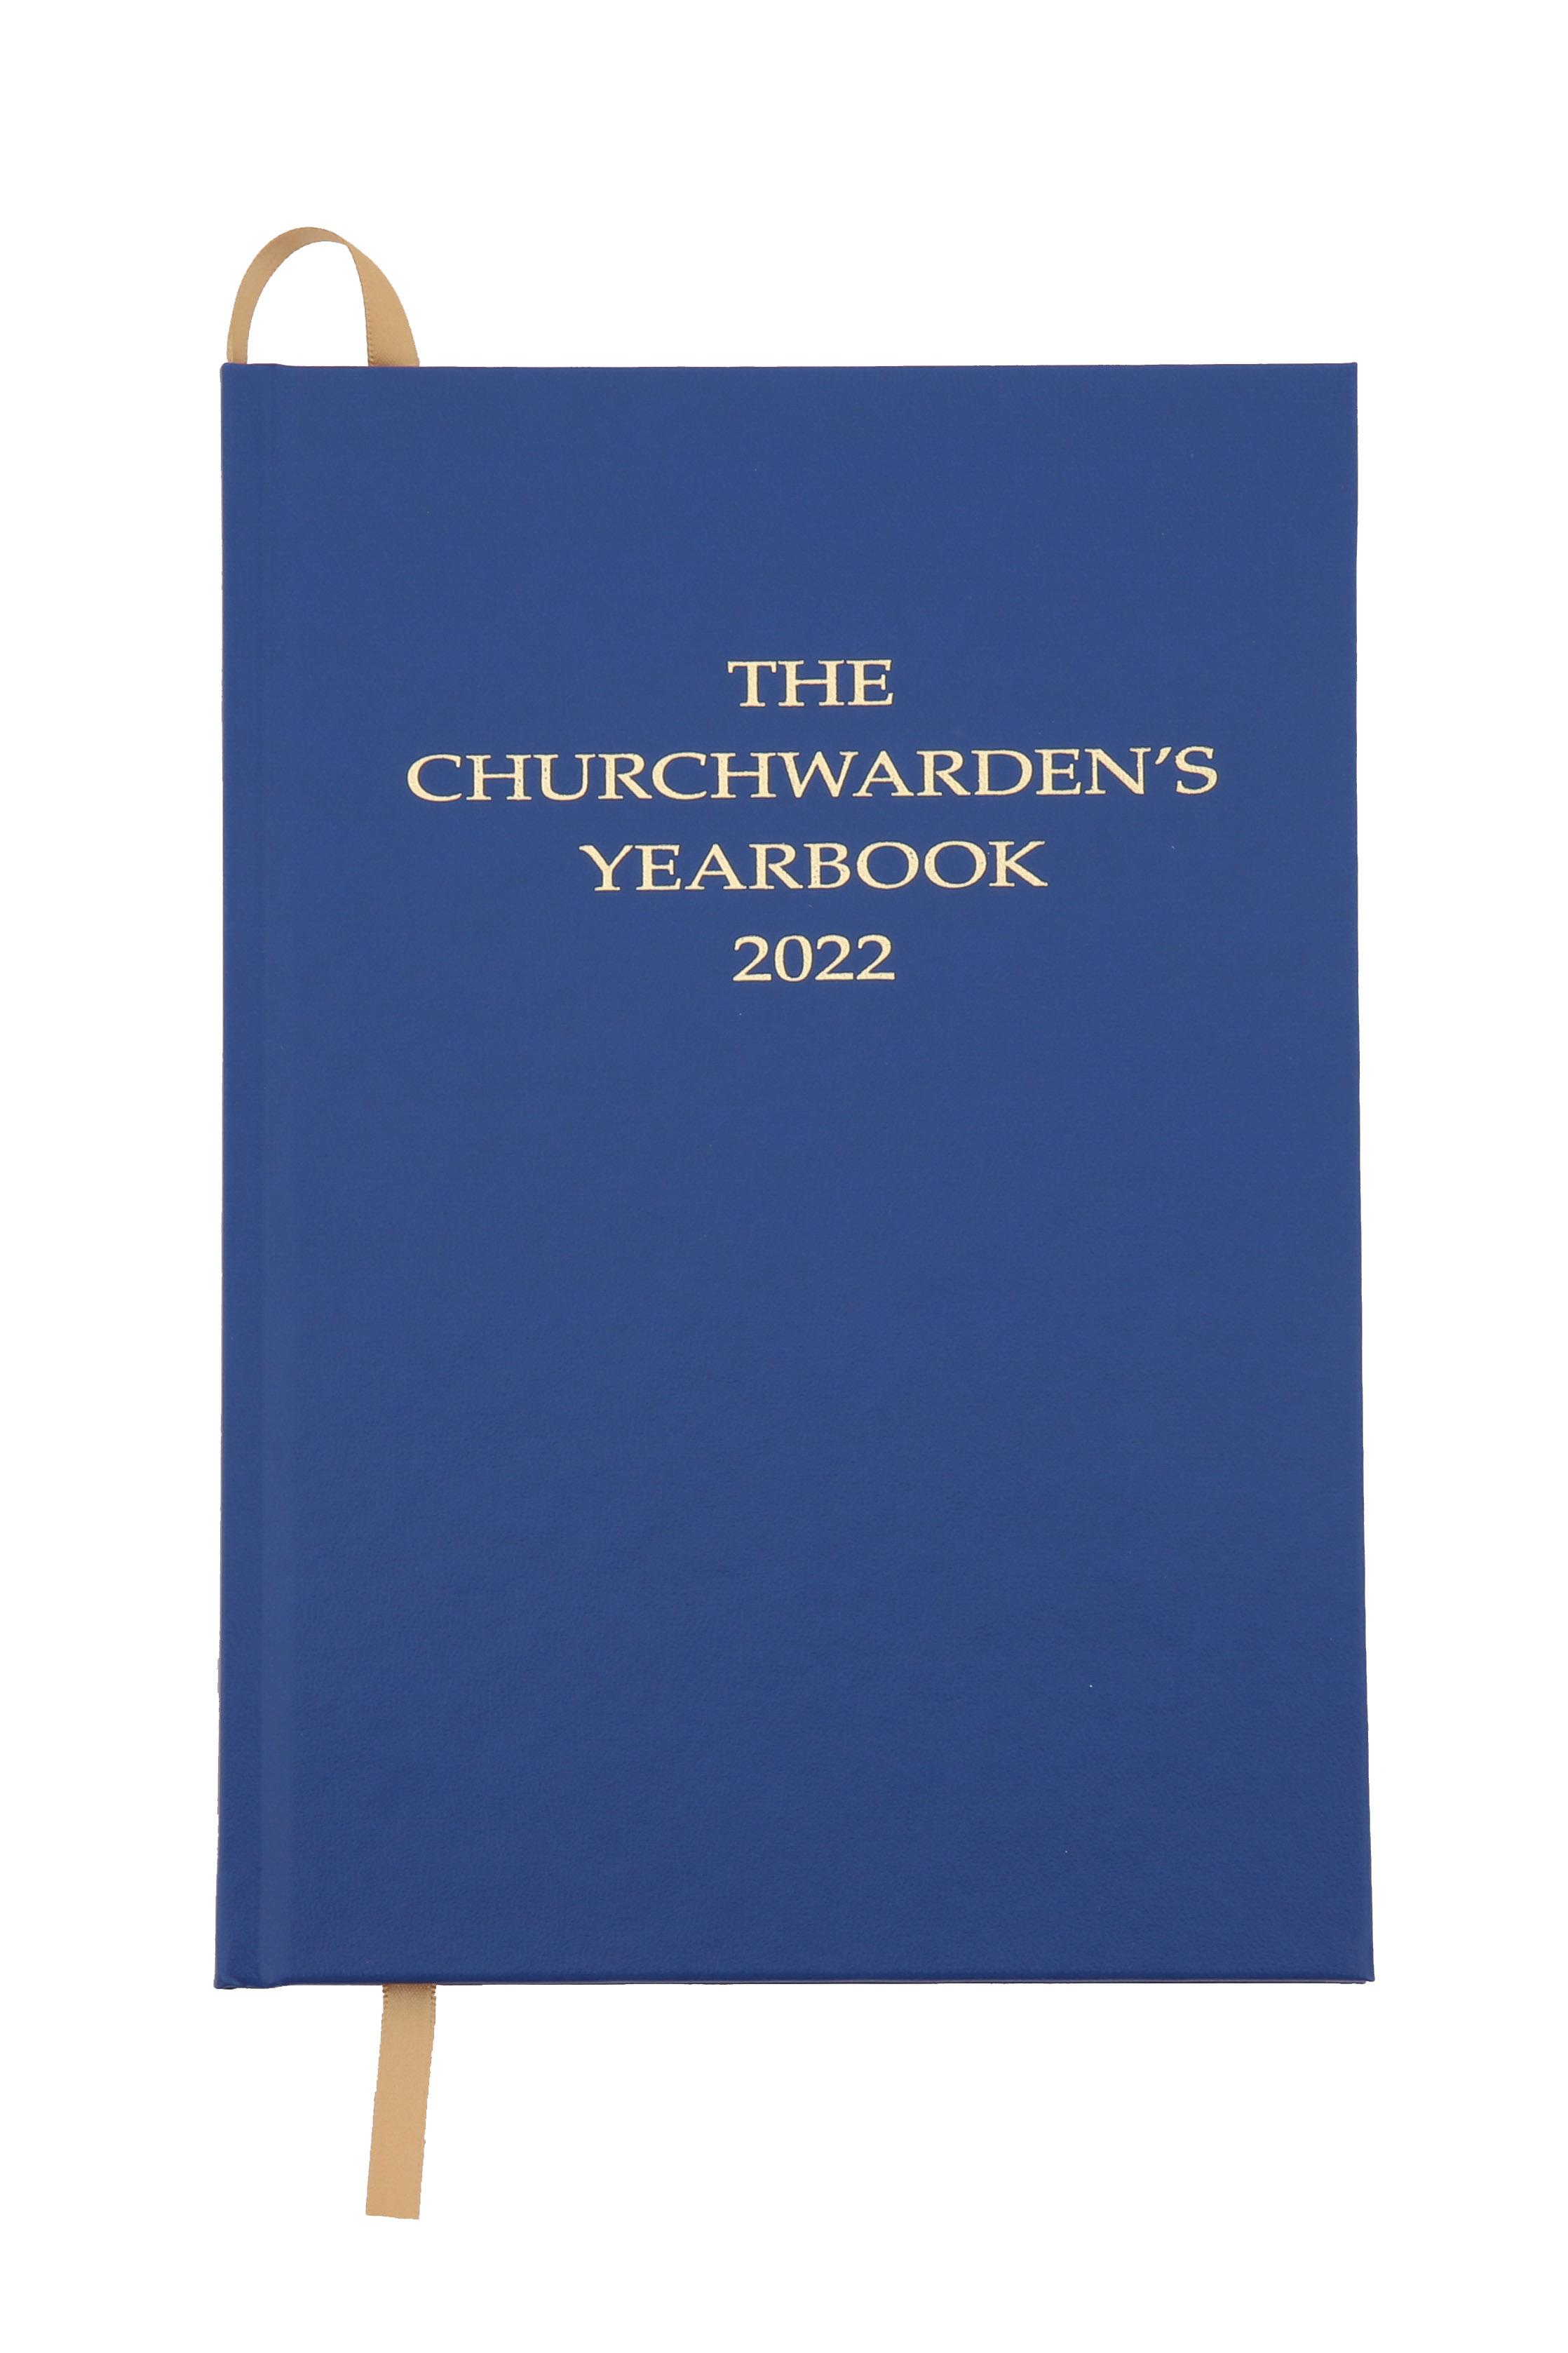 churchwarden's yearbook 2022